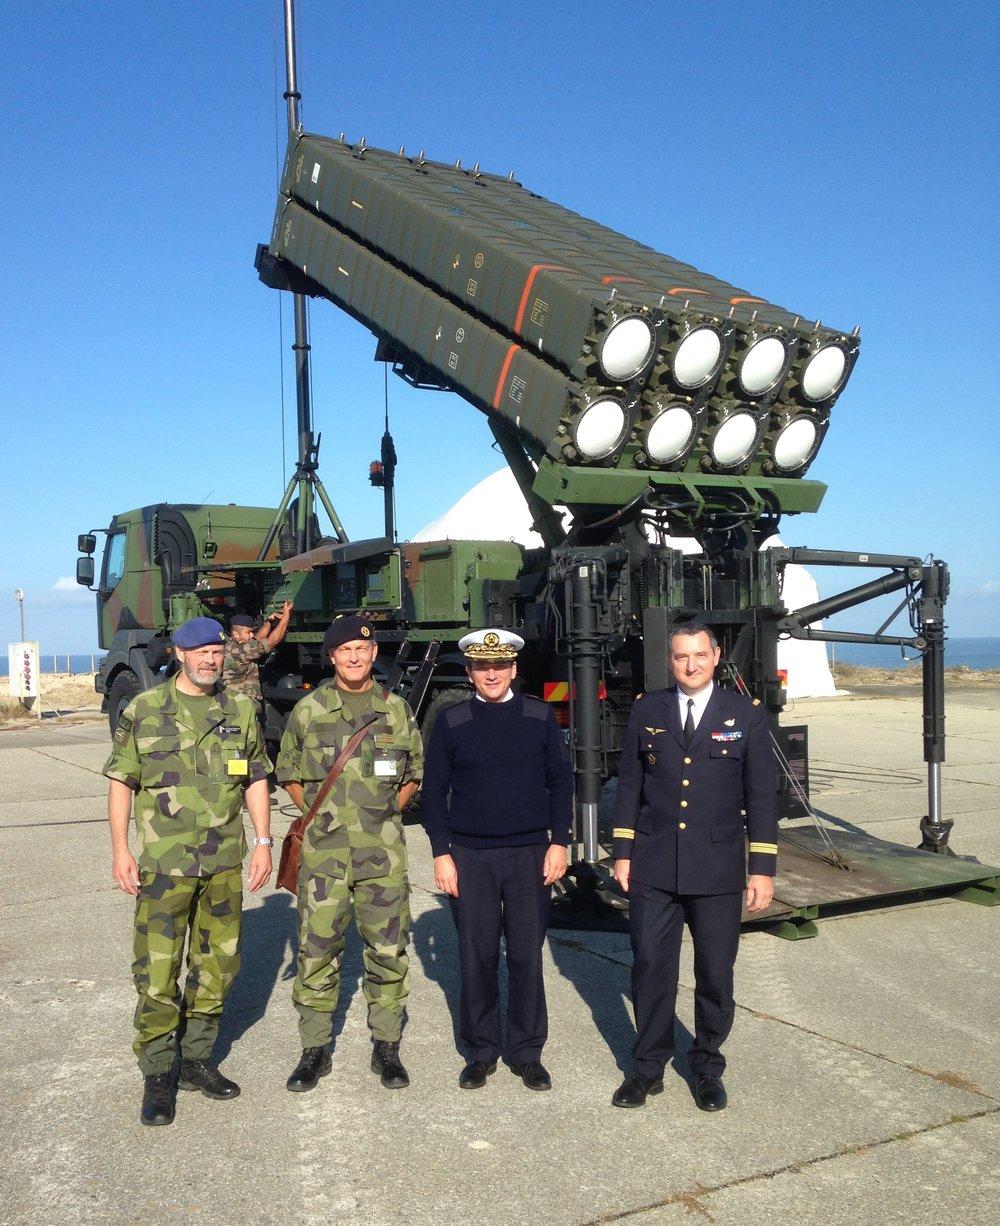 Förevisningsskjutning med franskt luftvärnsrobotsystem. Tillsammans med general Johan Svensson, FMV